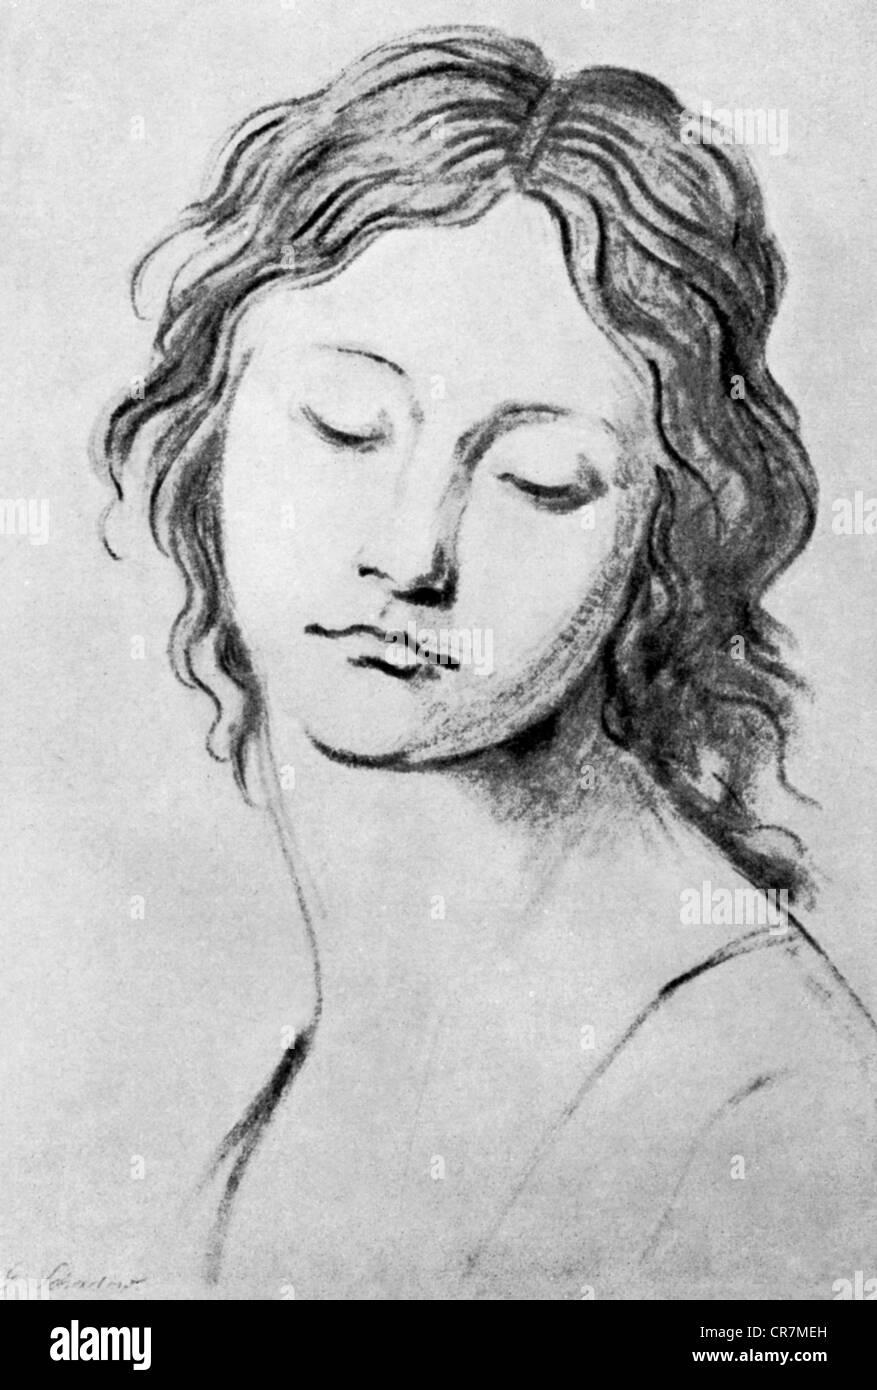 Johann Gottfried Schadow,, 20.5.1764 - 27.1.1850, sculpteur allemand et artiste graphique, travaux publics, portrait Banque D'Images